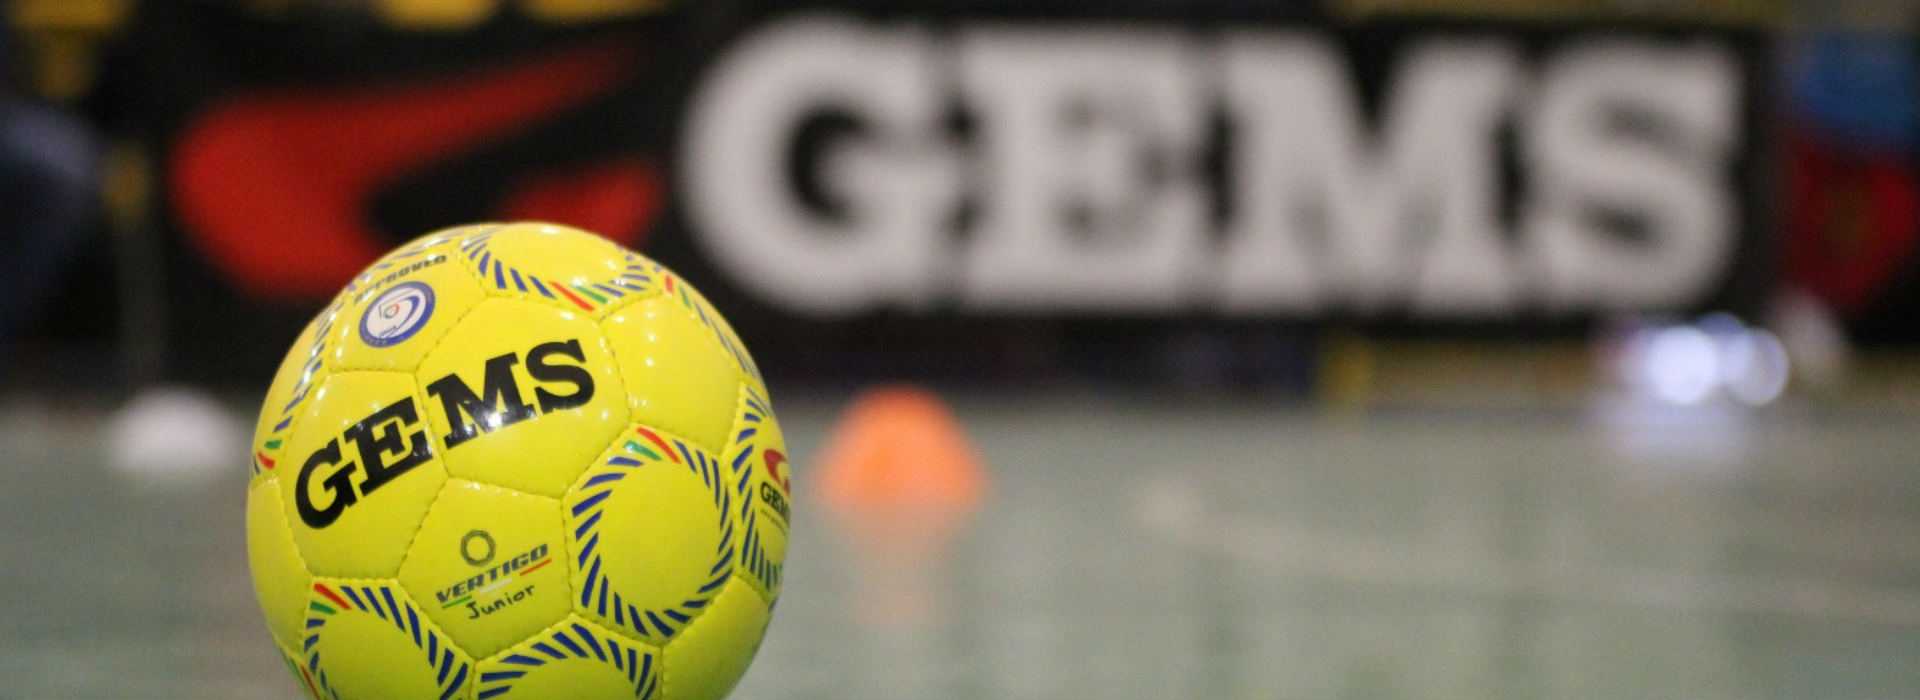 Nyheder fra GEMS Sport - alt til Futsal og indendørs fodbold